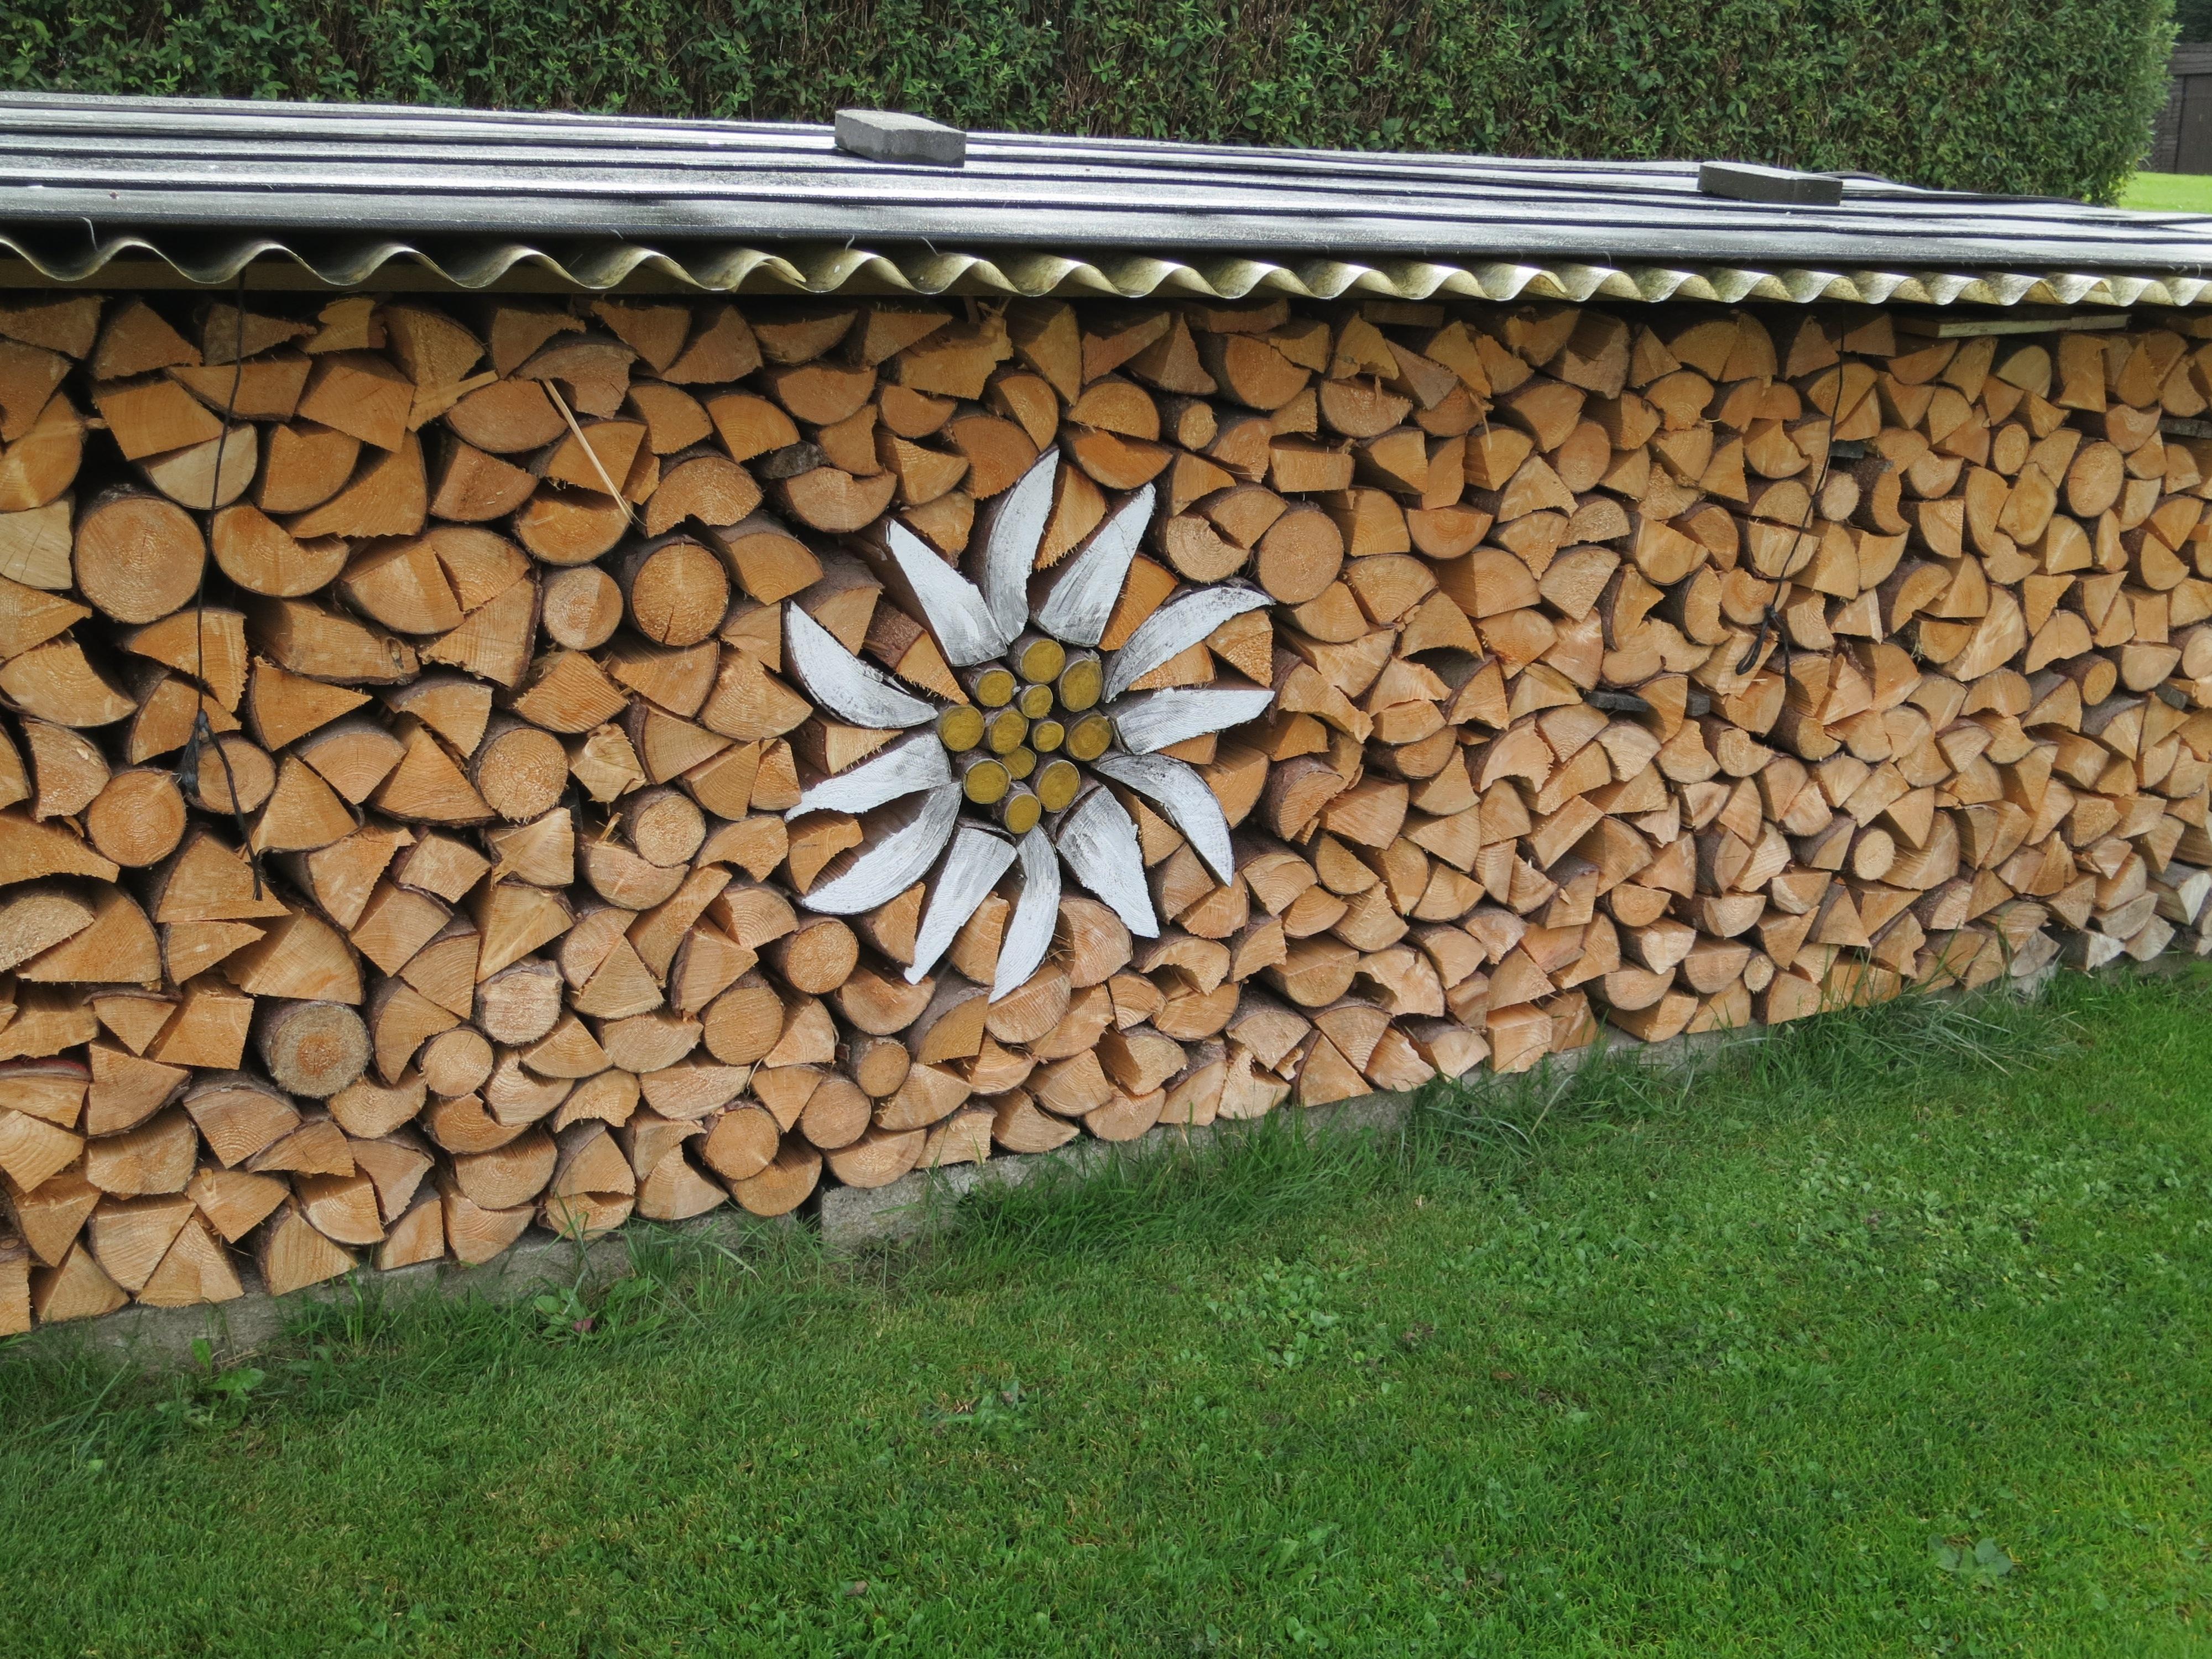 Alvorlig Bildet : tre, plen, vegg, Hagen, jord, steinvegg, stable OU-63